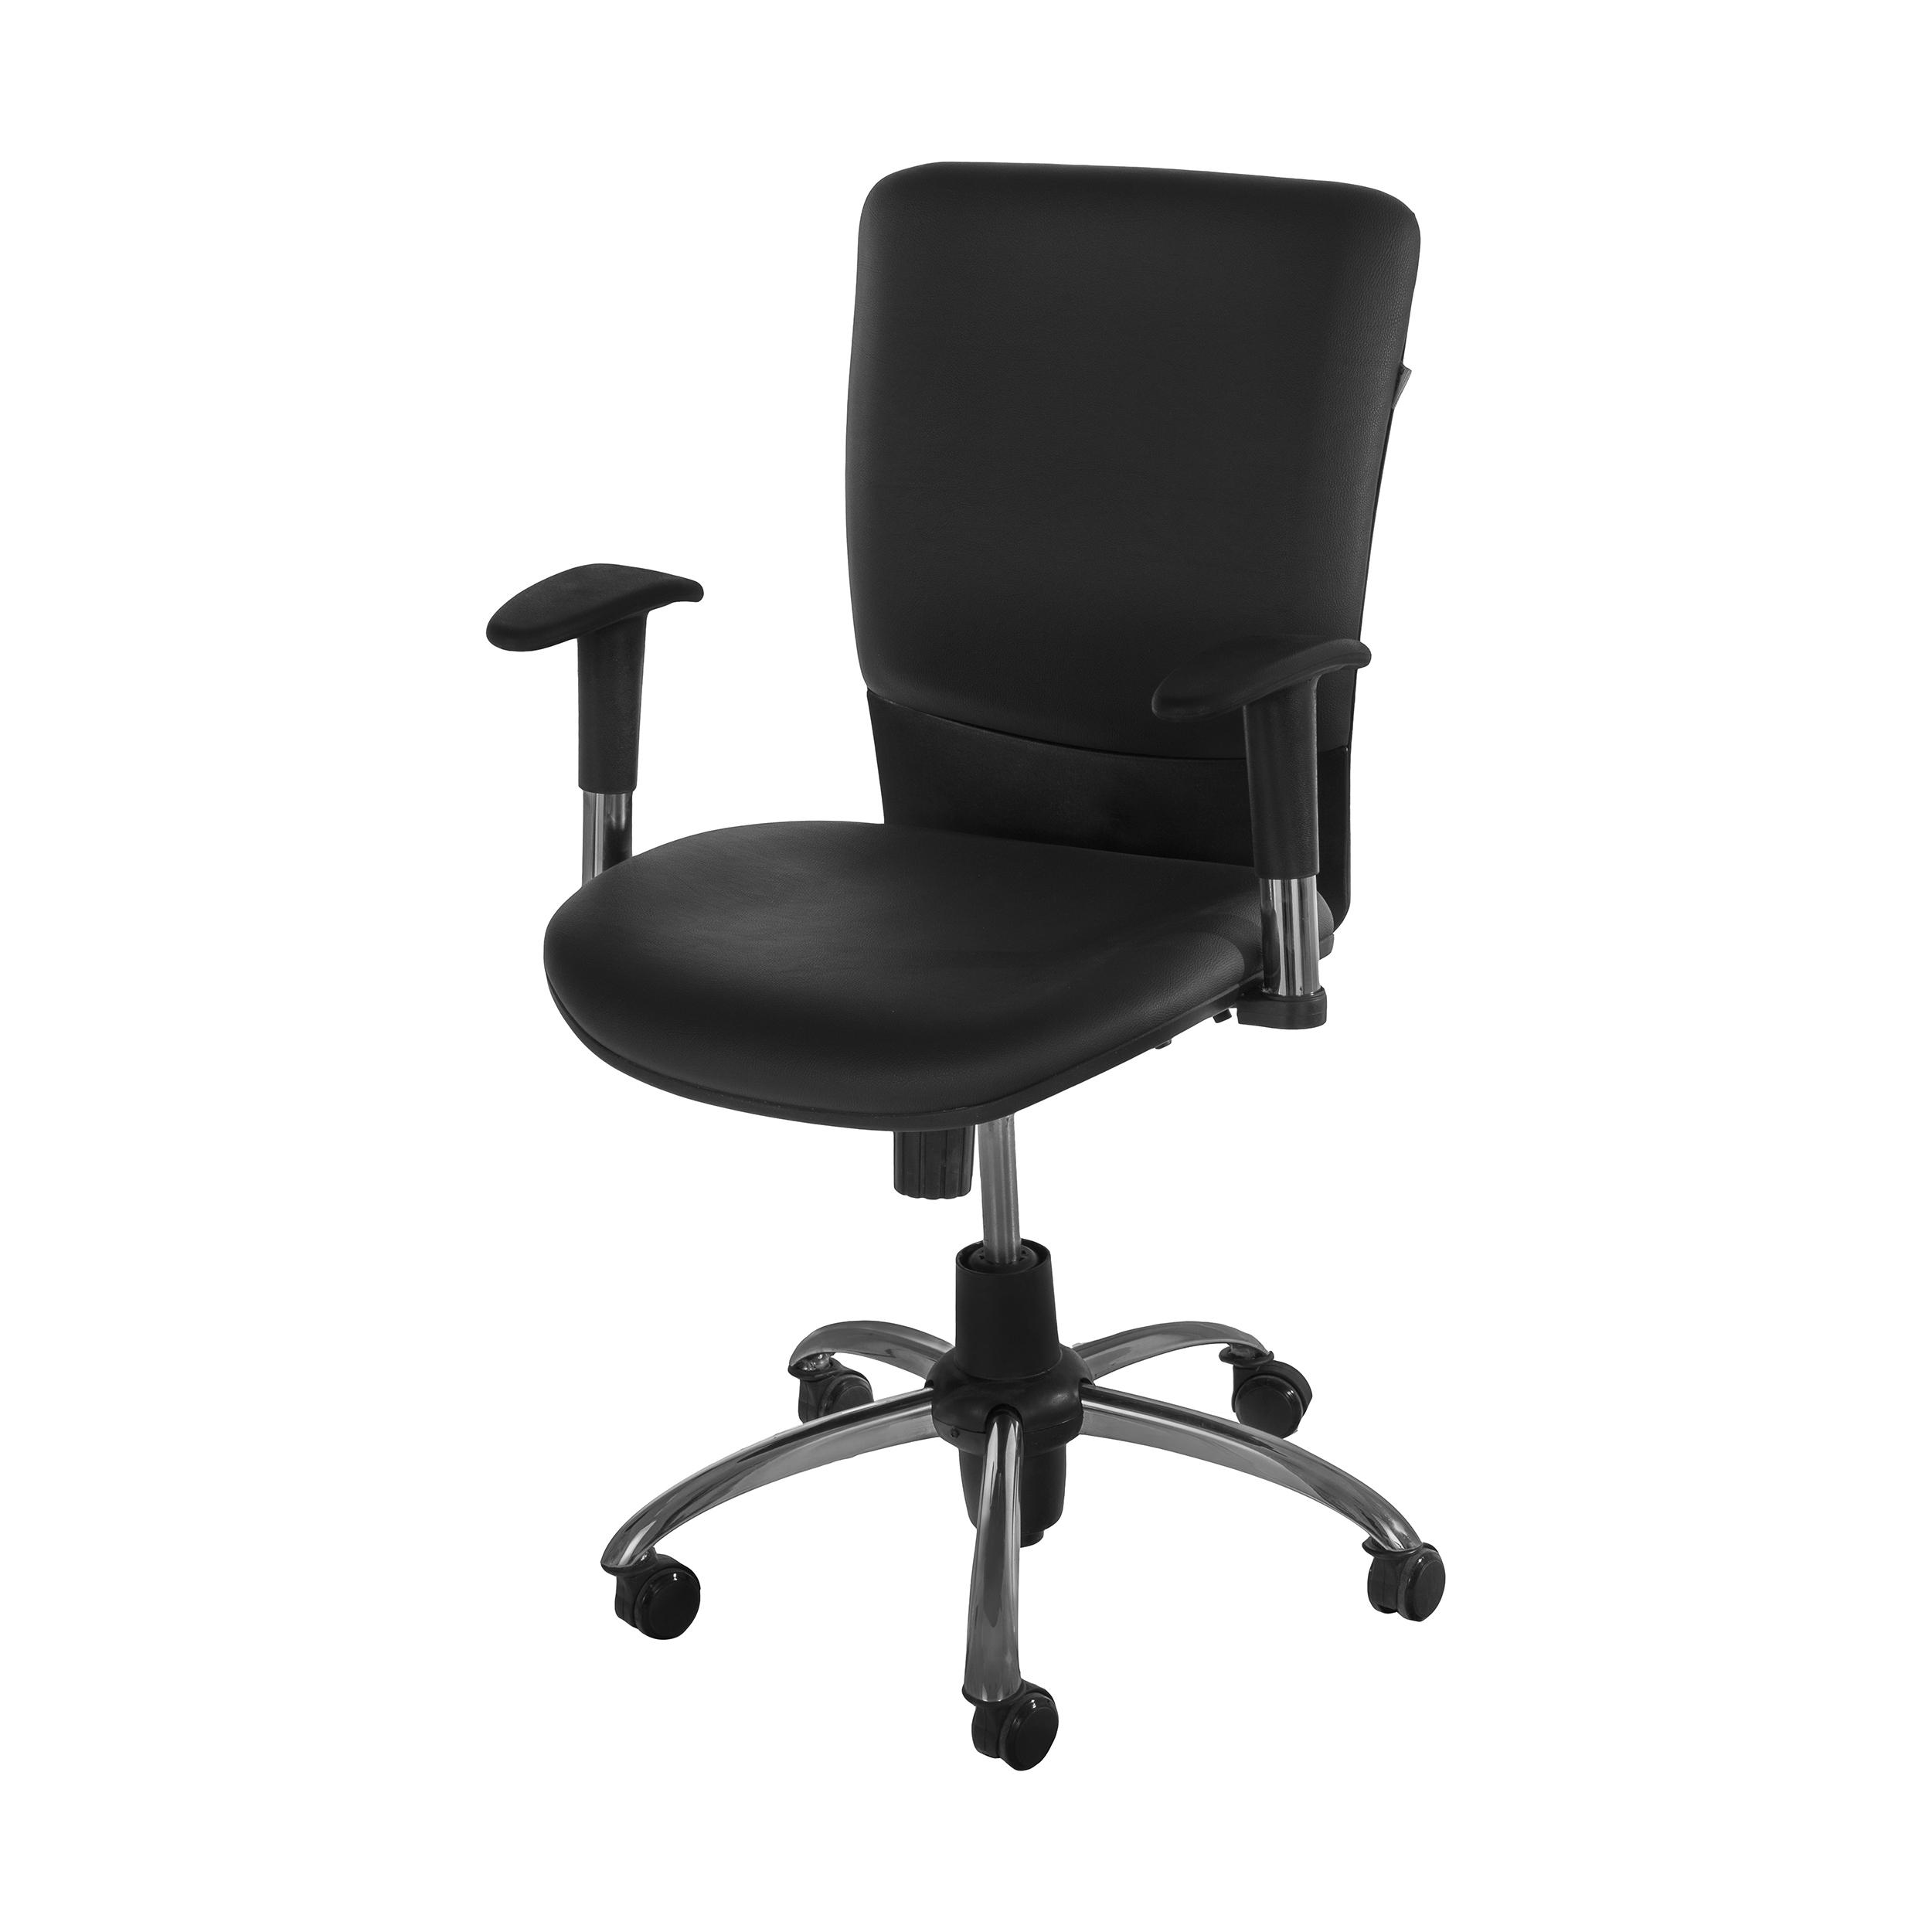 صندلی اداری لیو مدل S62t